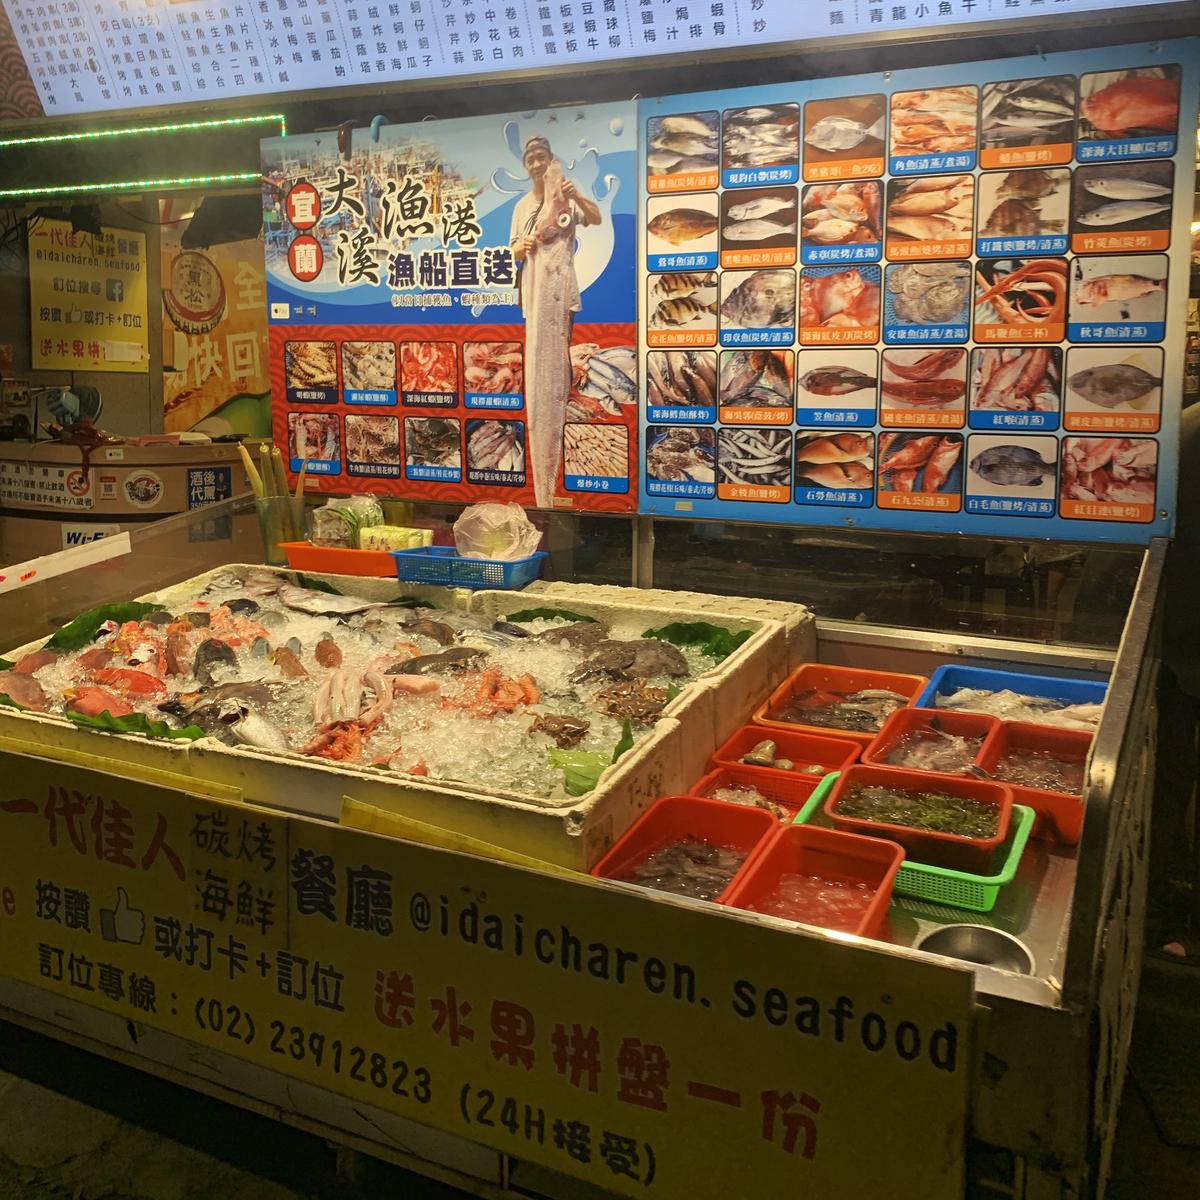 たくさんの魚が並ぶ熱炒の店先